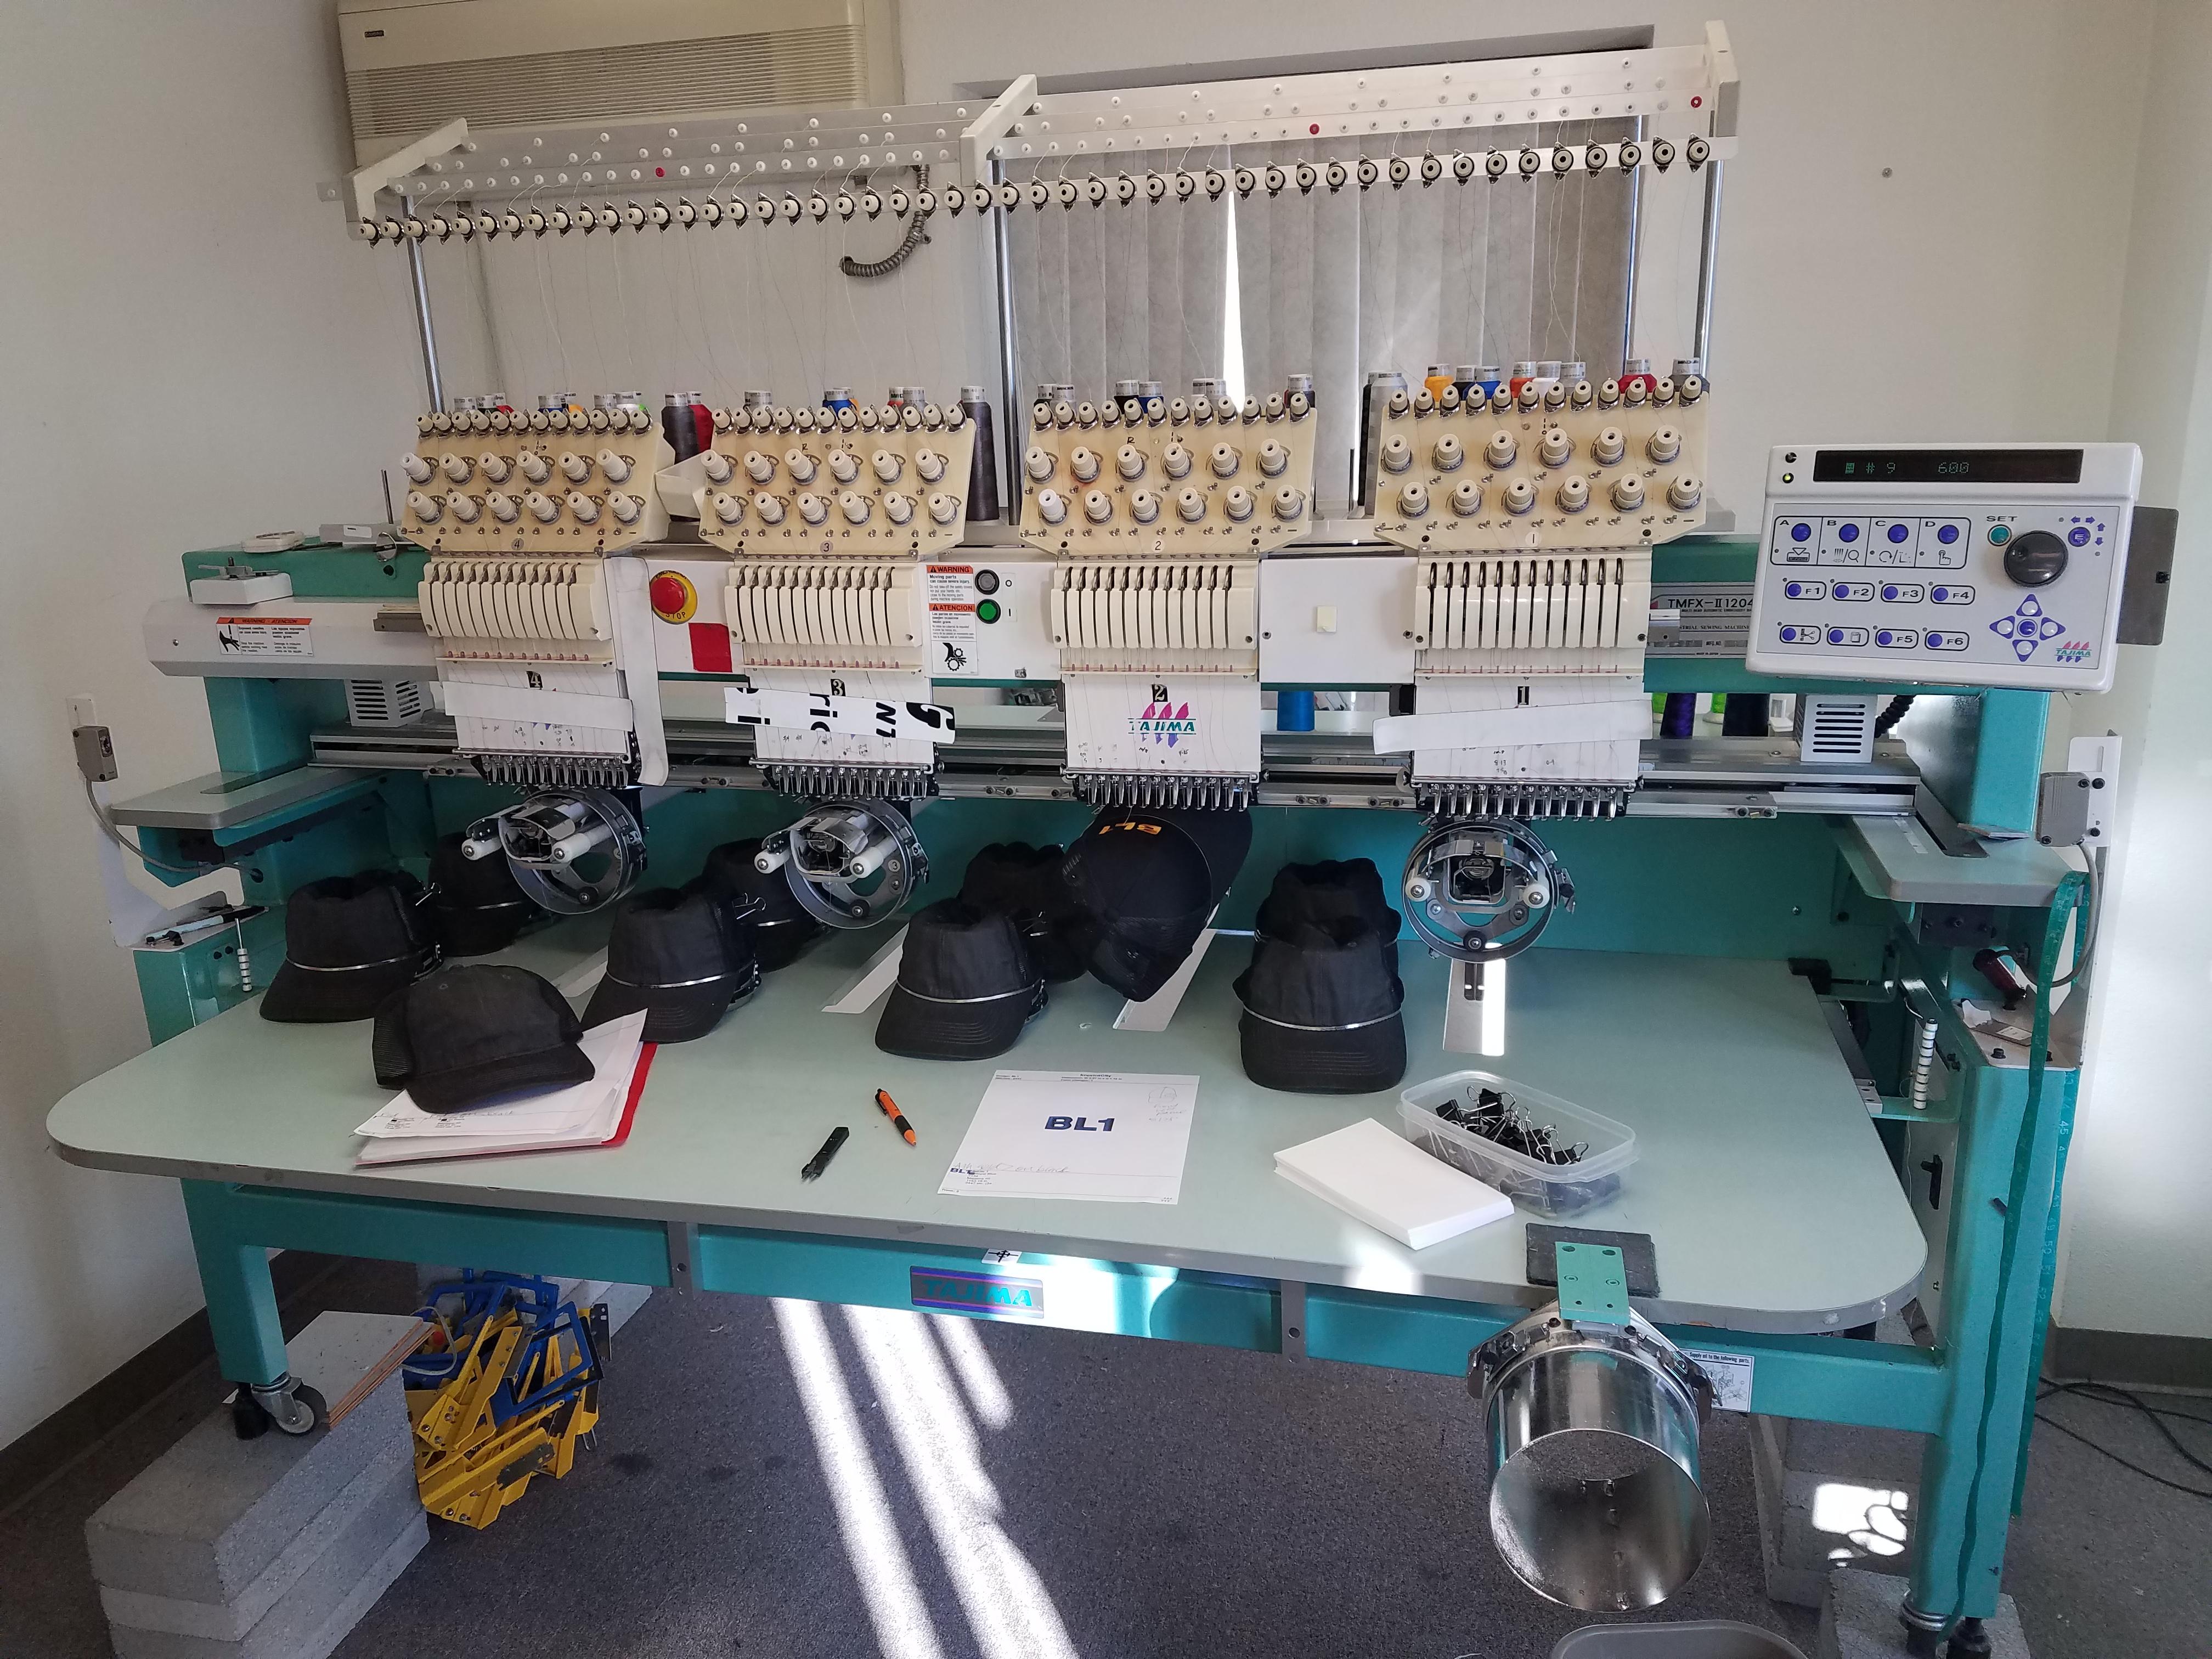 Used Tajima TMFXII 1204 Embroidery Machine